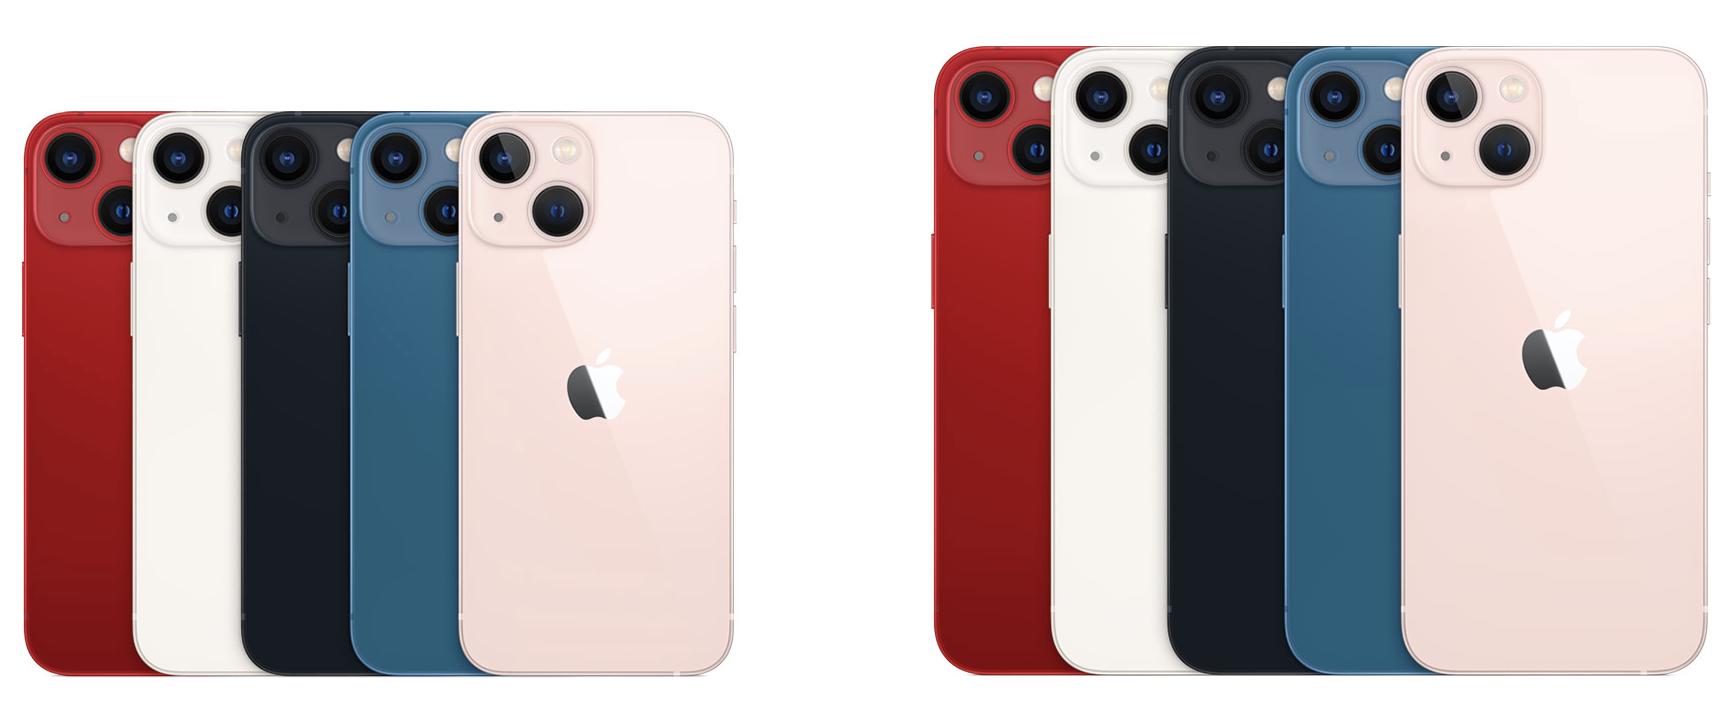 iPhone 13 mini ja iPhone 13 eri väreissä.